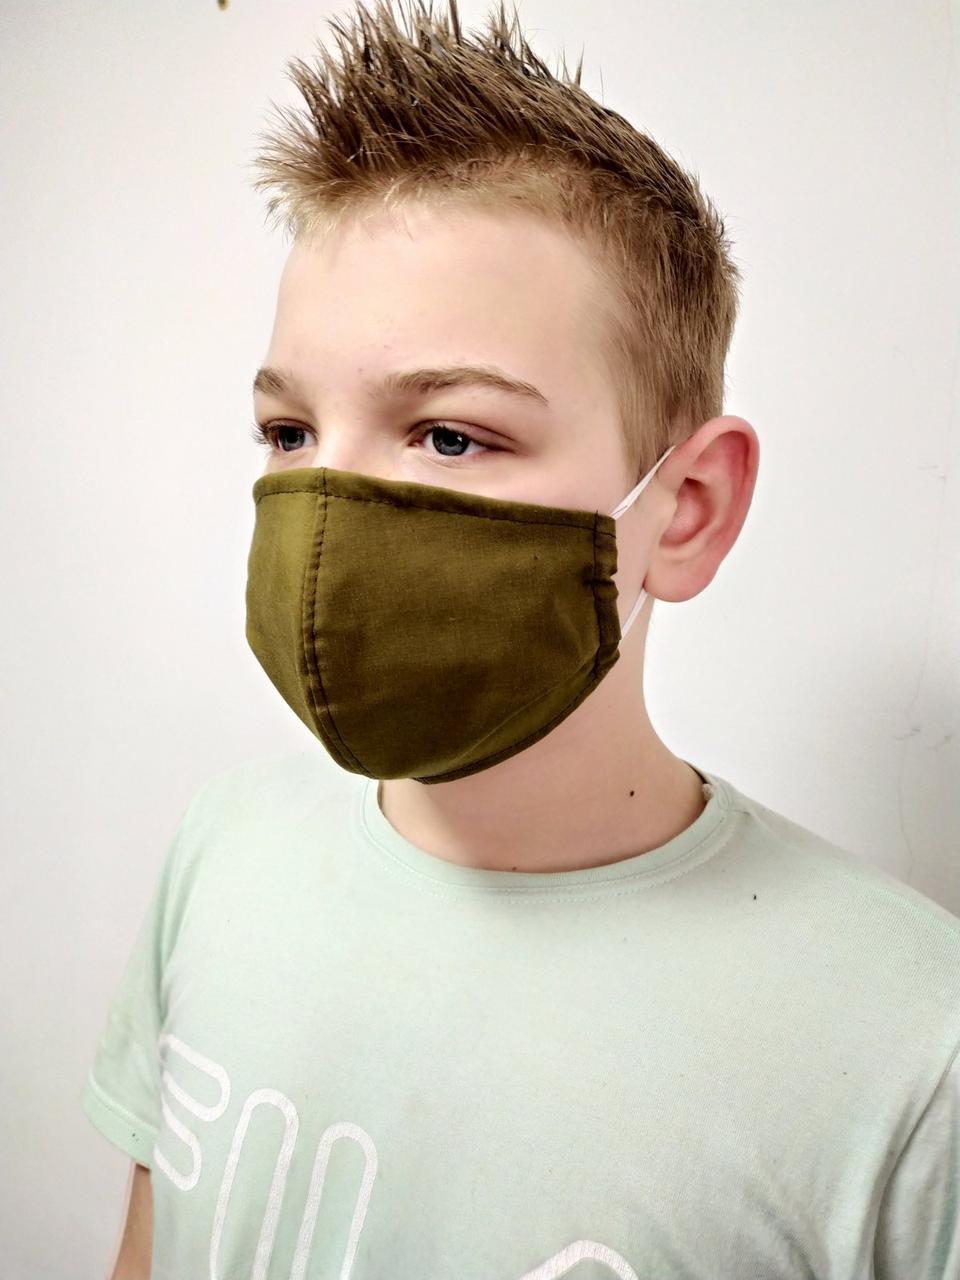 Маска защитная для лица тканевая многоразовая c карманом для марлевого фильтра